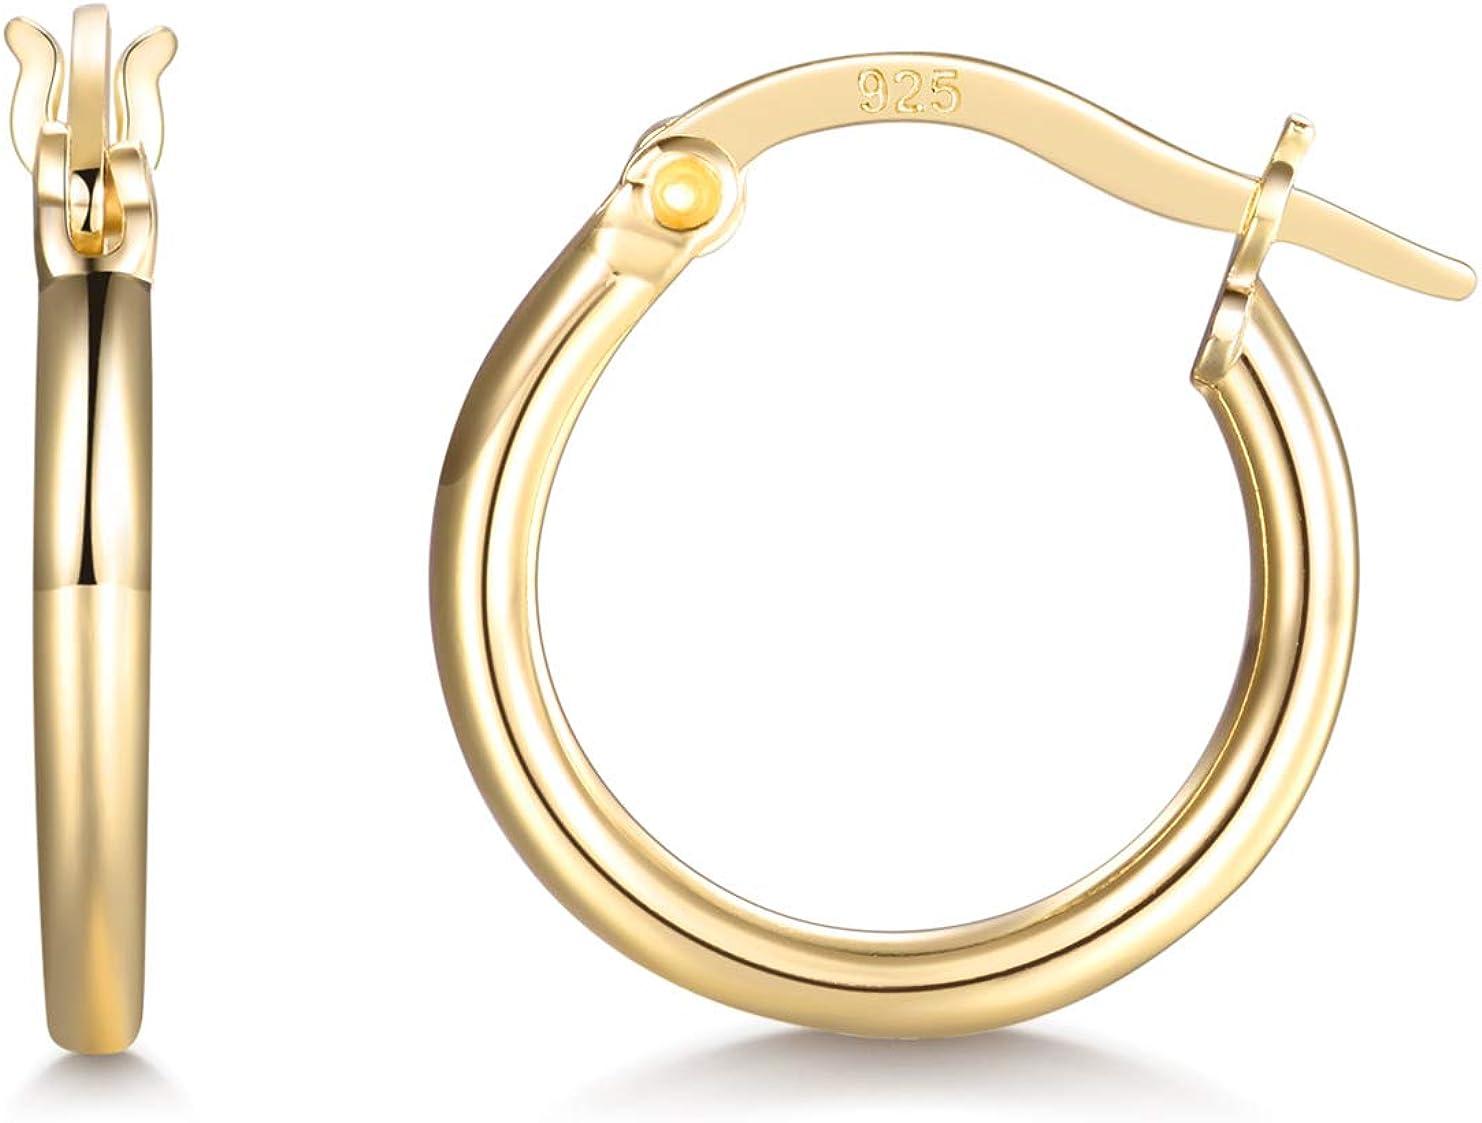 Silver Hoop Earrings for Women Men Girls- Cartilage Earring Small Hoop Earrings Hypoallergenic 925 Sterling Silver Tragus Earrings(14mm, 16mm, 20mm)